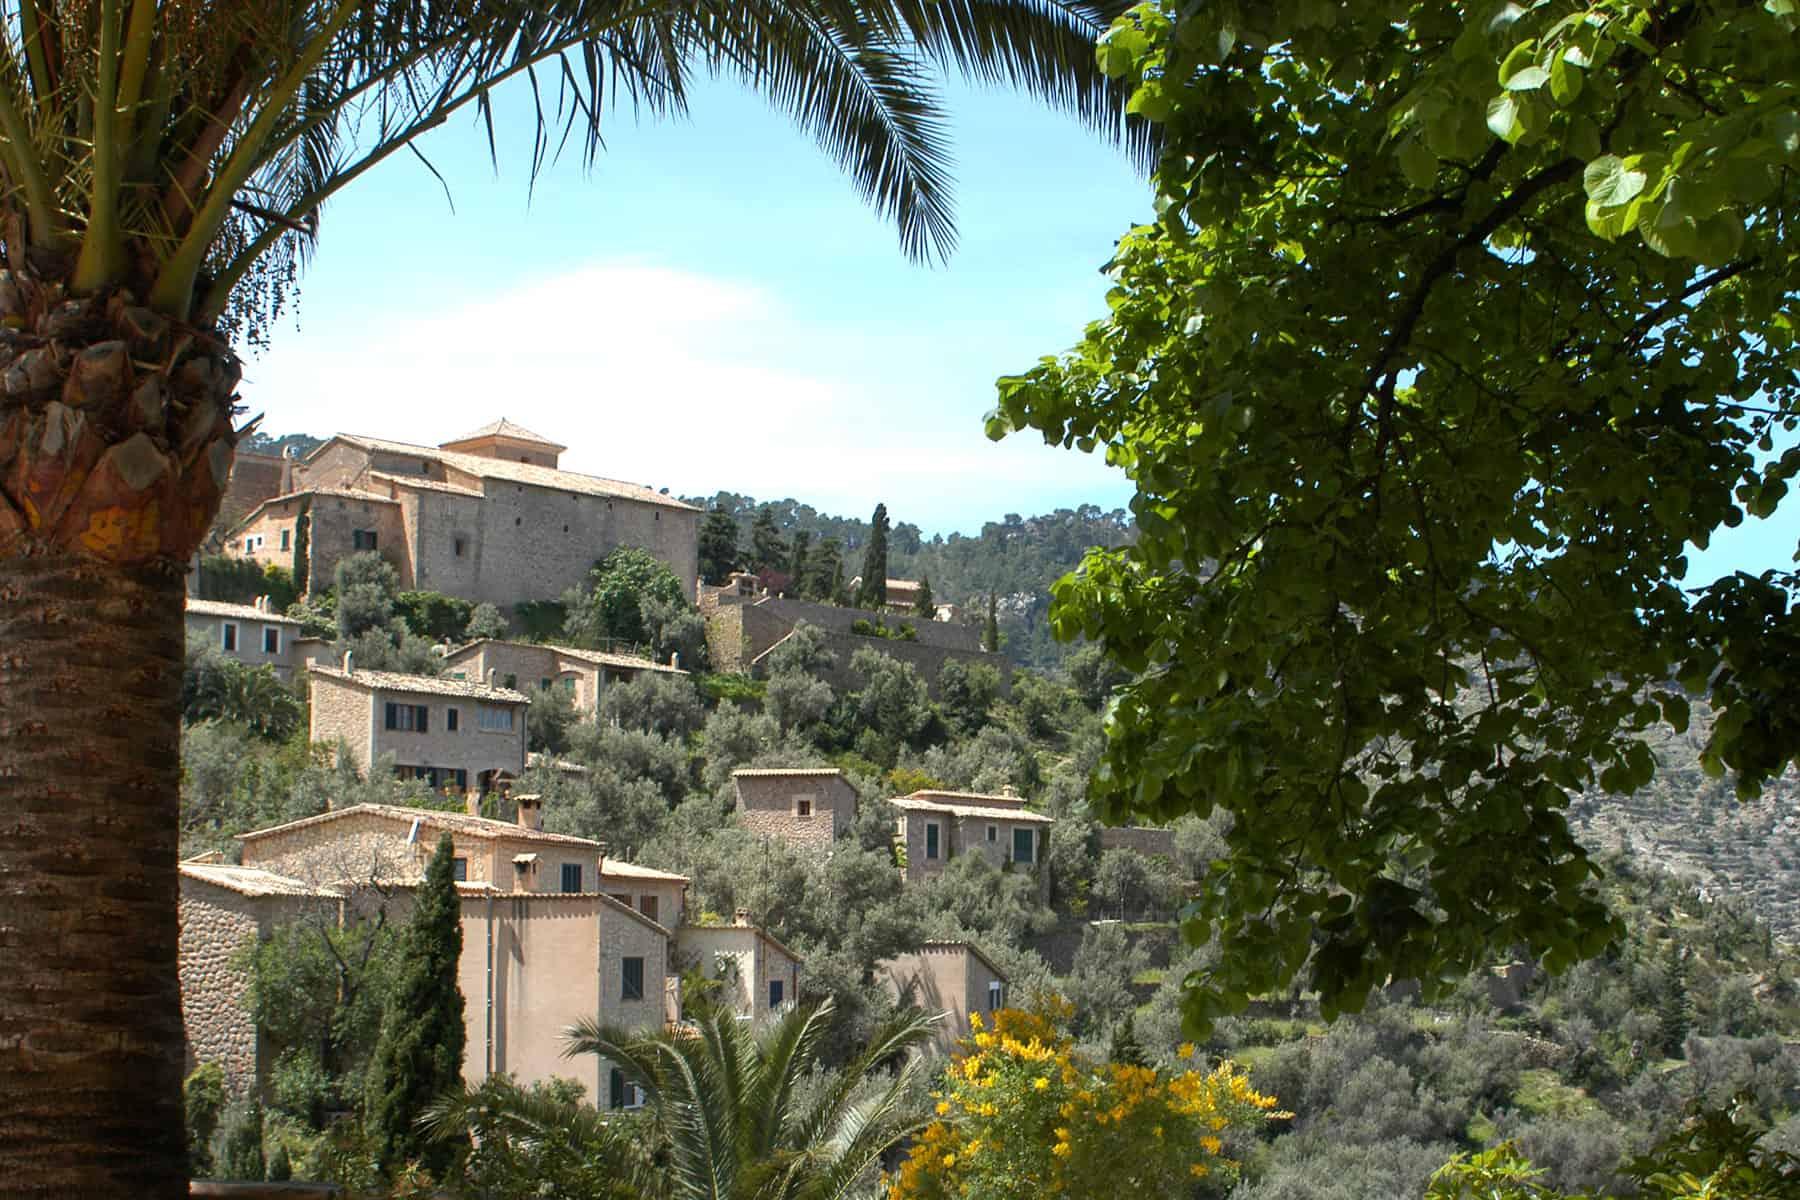 Resor_Mallorca_landsby_Nygren_Lind_Resebyrå